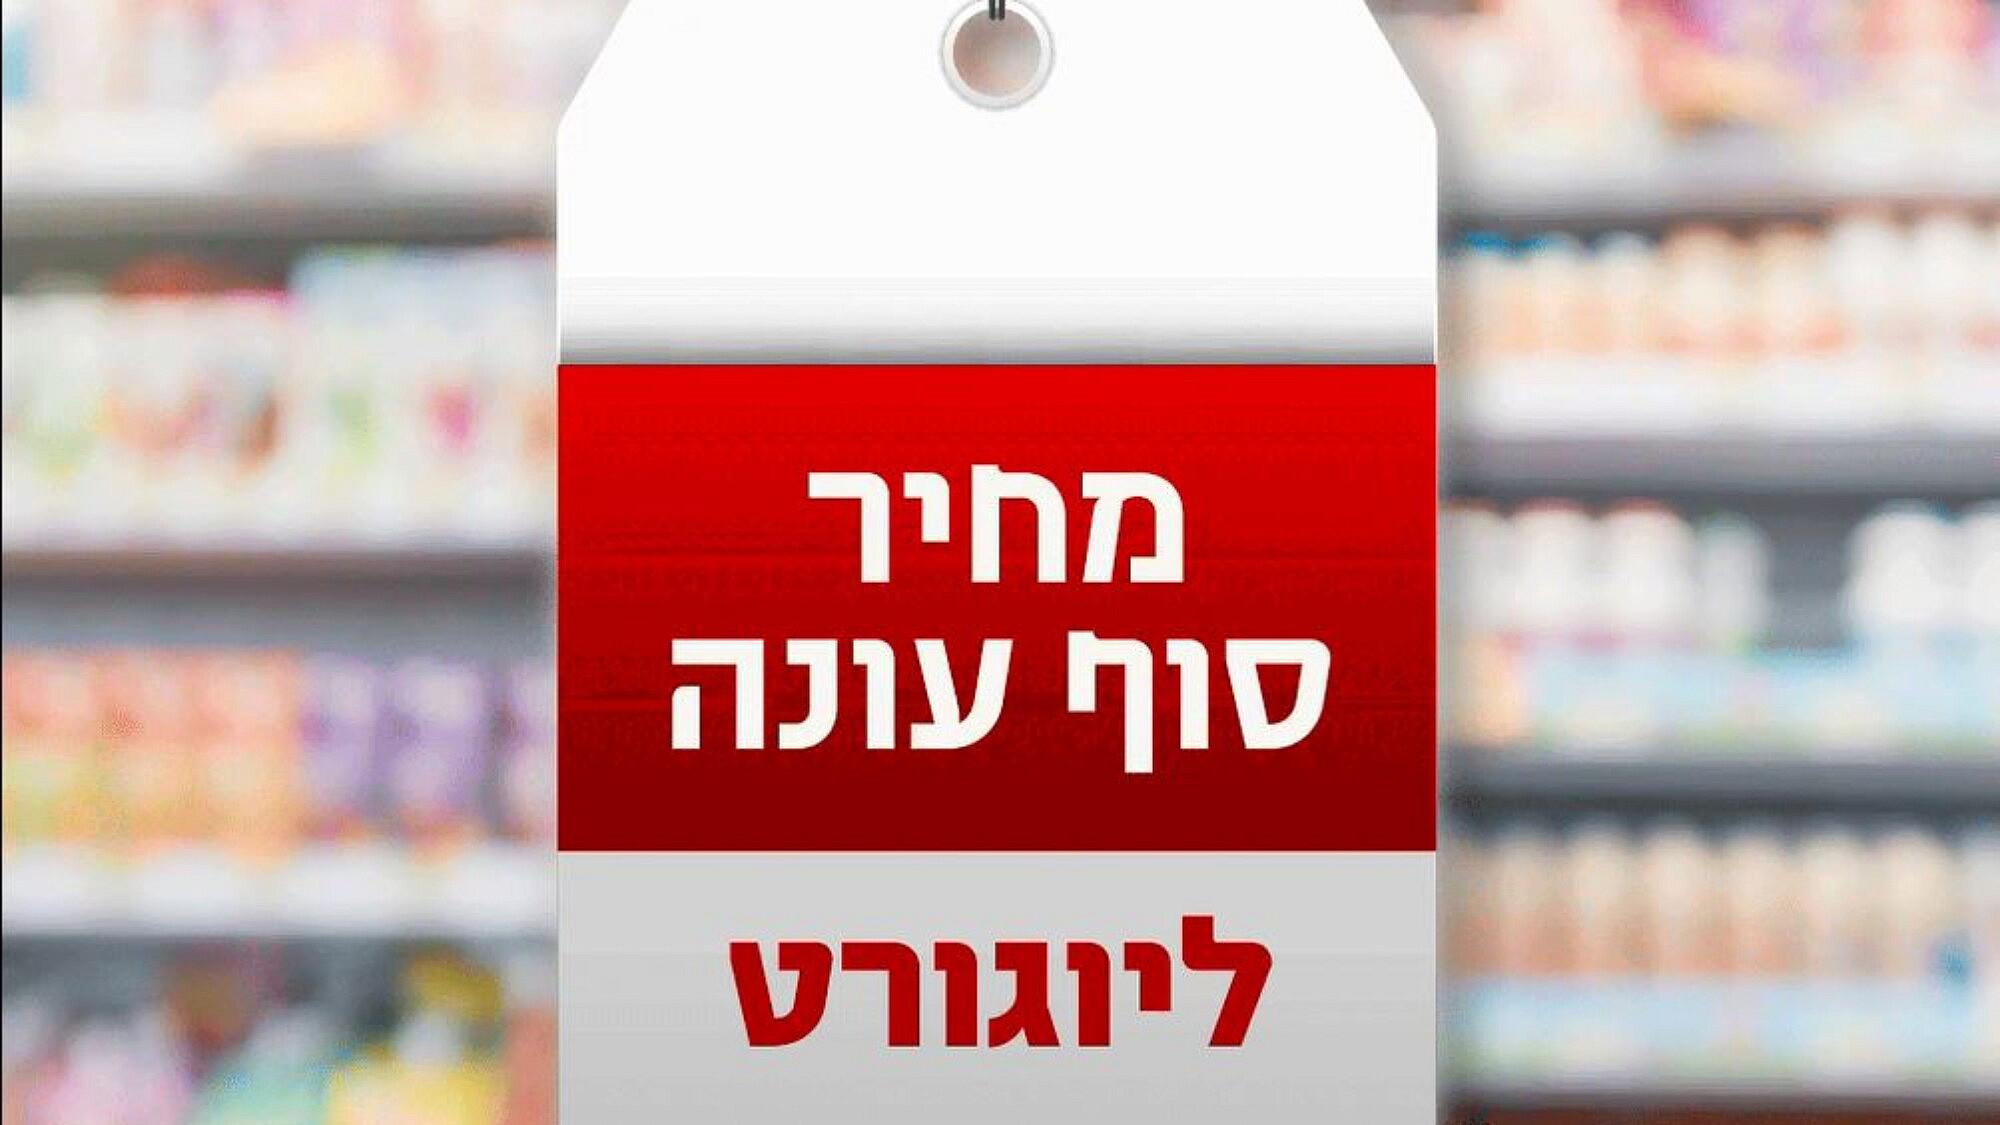 מה שטוב לבגדים, טוב גם למוצרים בסופר | תמונה באדיבות ארגון The Natural Step ישראל